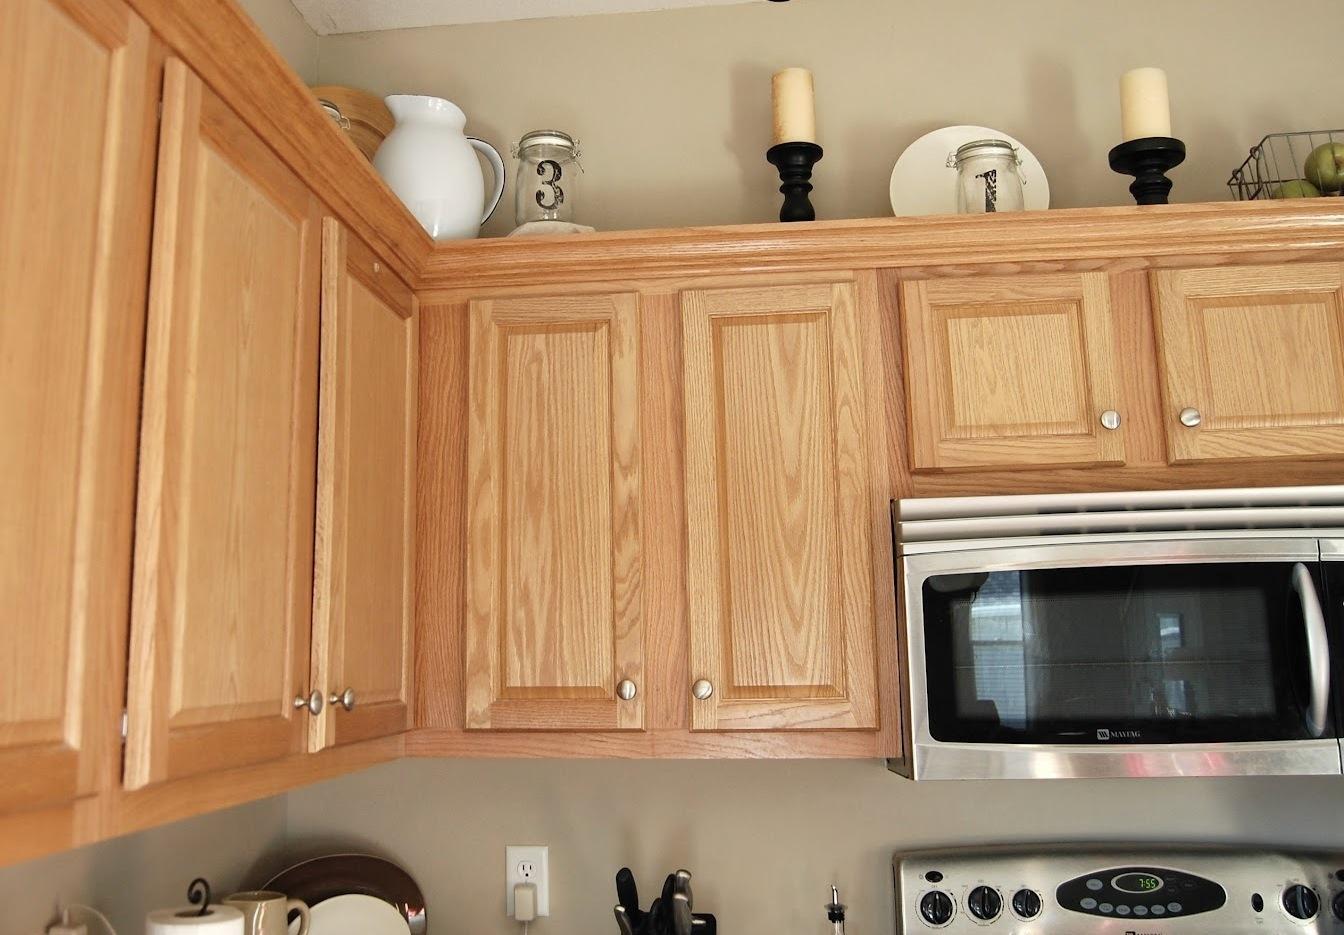 cupboard door knobs and handles photo - 2